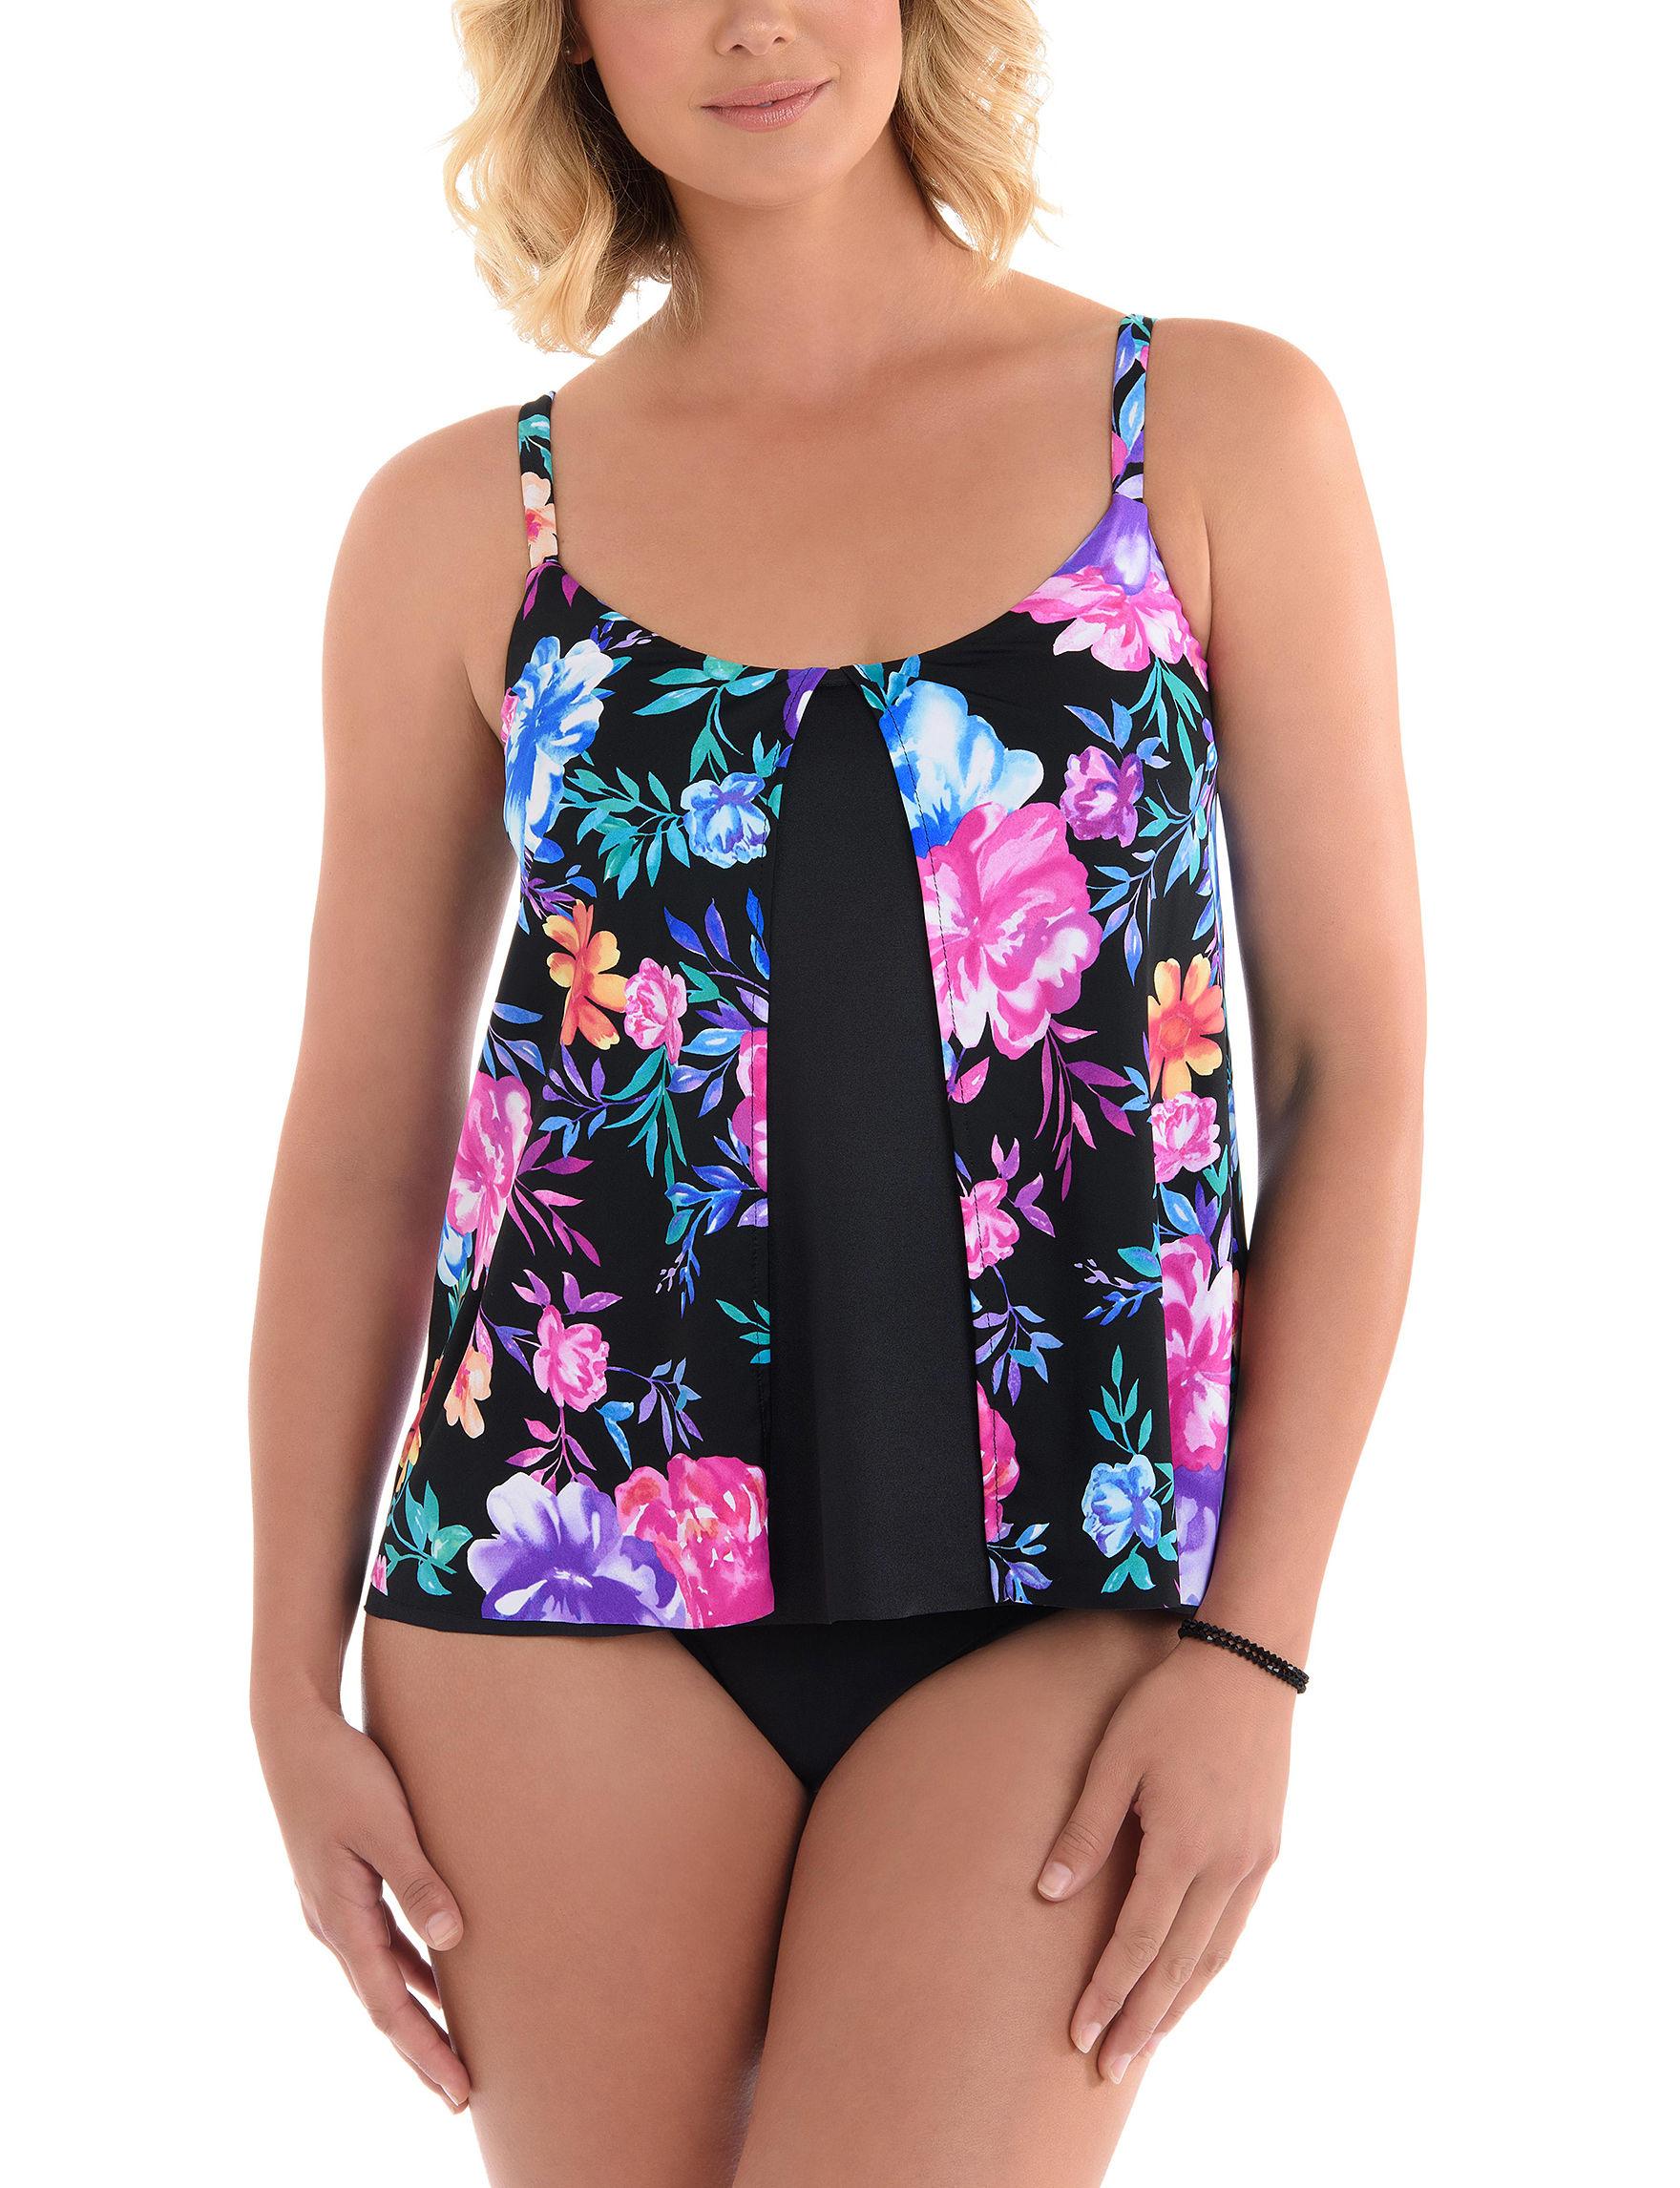 Penbrooke Black Floral Swimsuit Tops Tankini